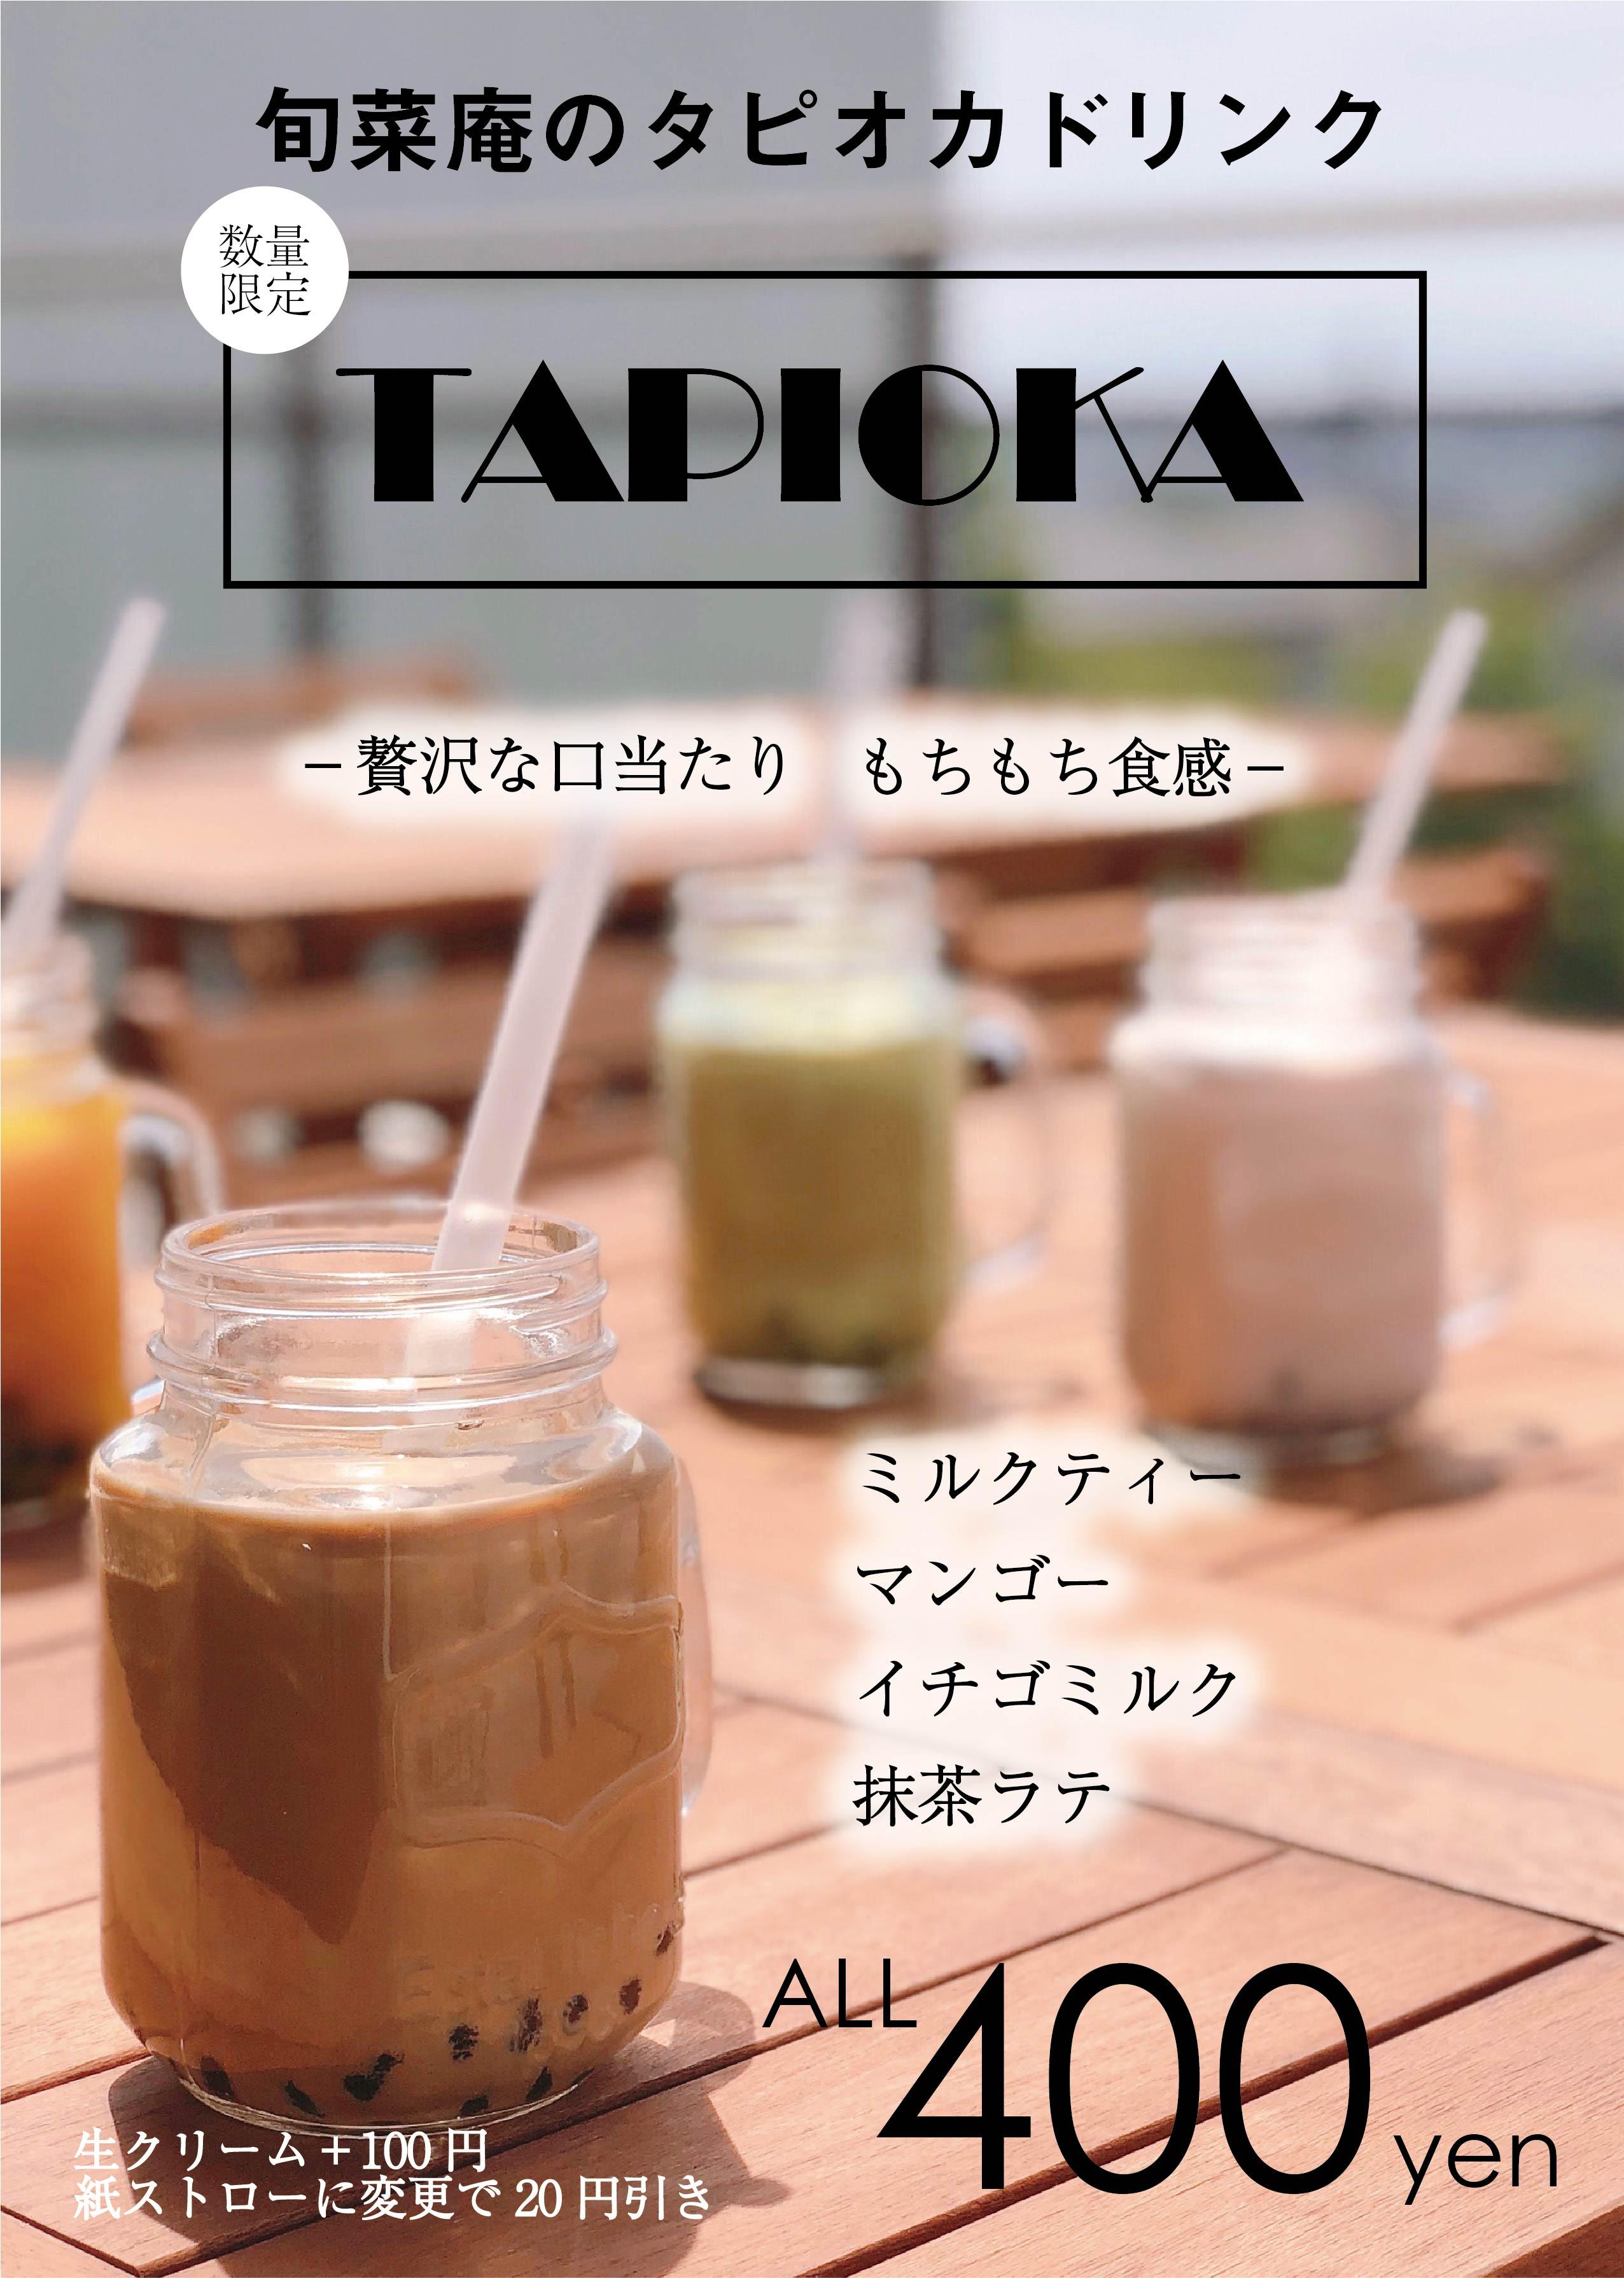 タピ_アートボード 1